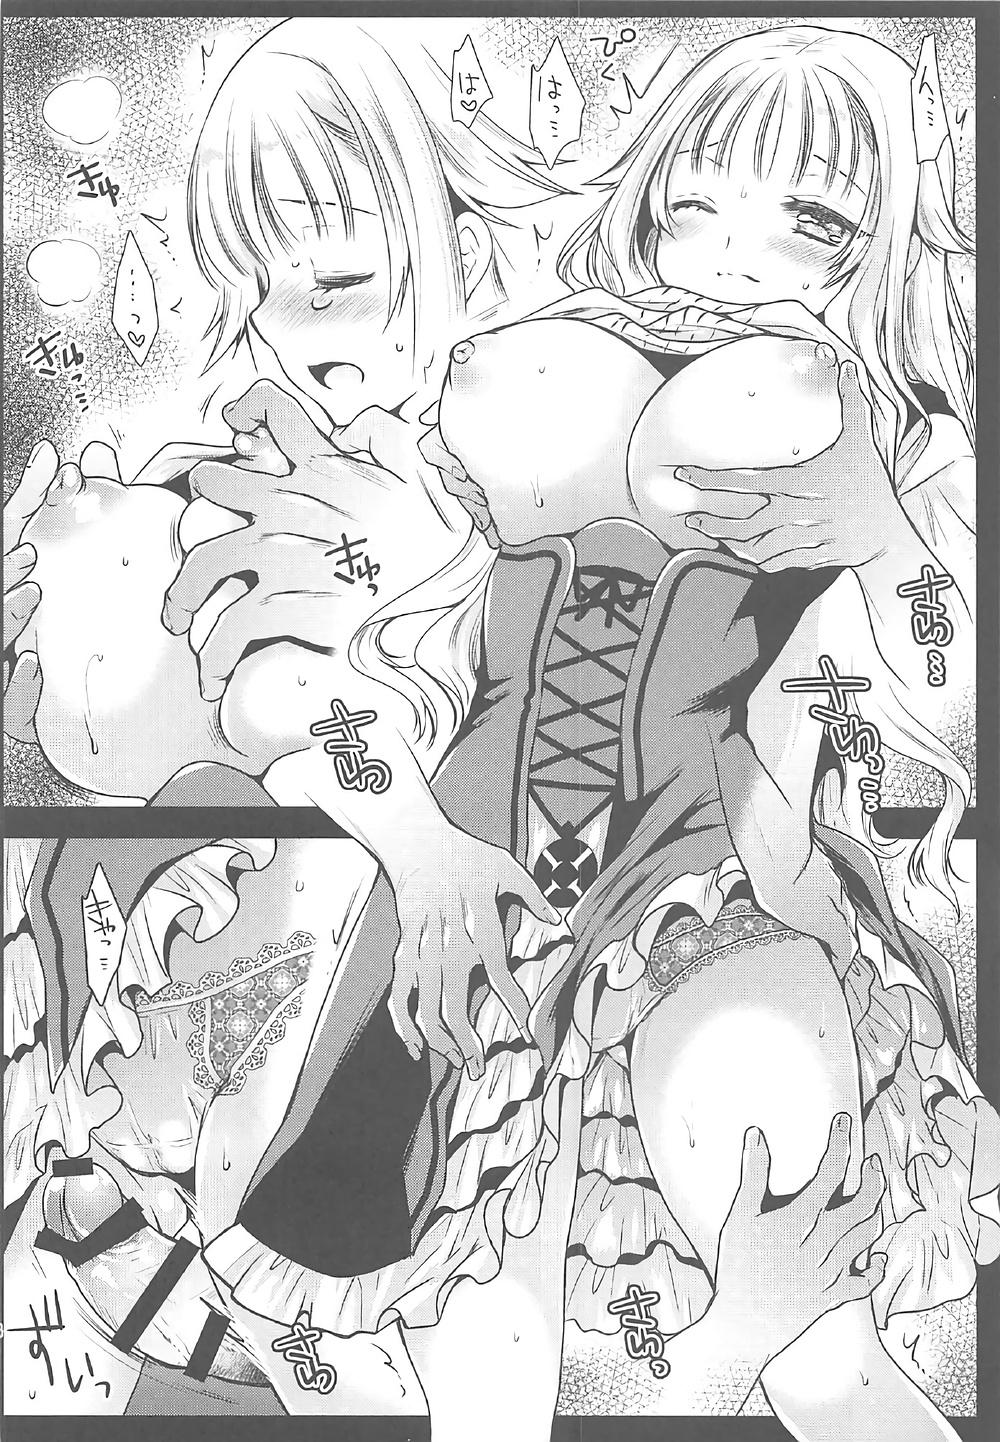 【エロ同人誌】プリンセスちゃんに守衛たちが群がり穴という穴にチ○ポをハメまくるwww【プリンセス・プリンシパル】